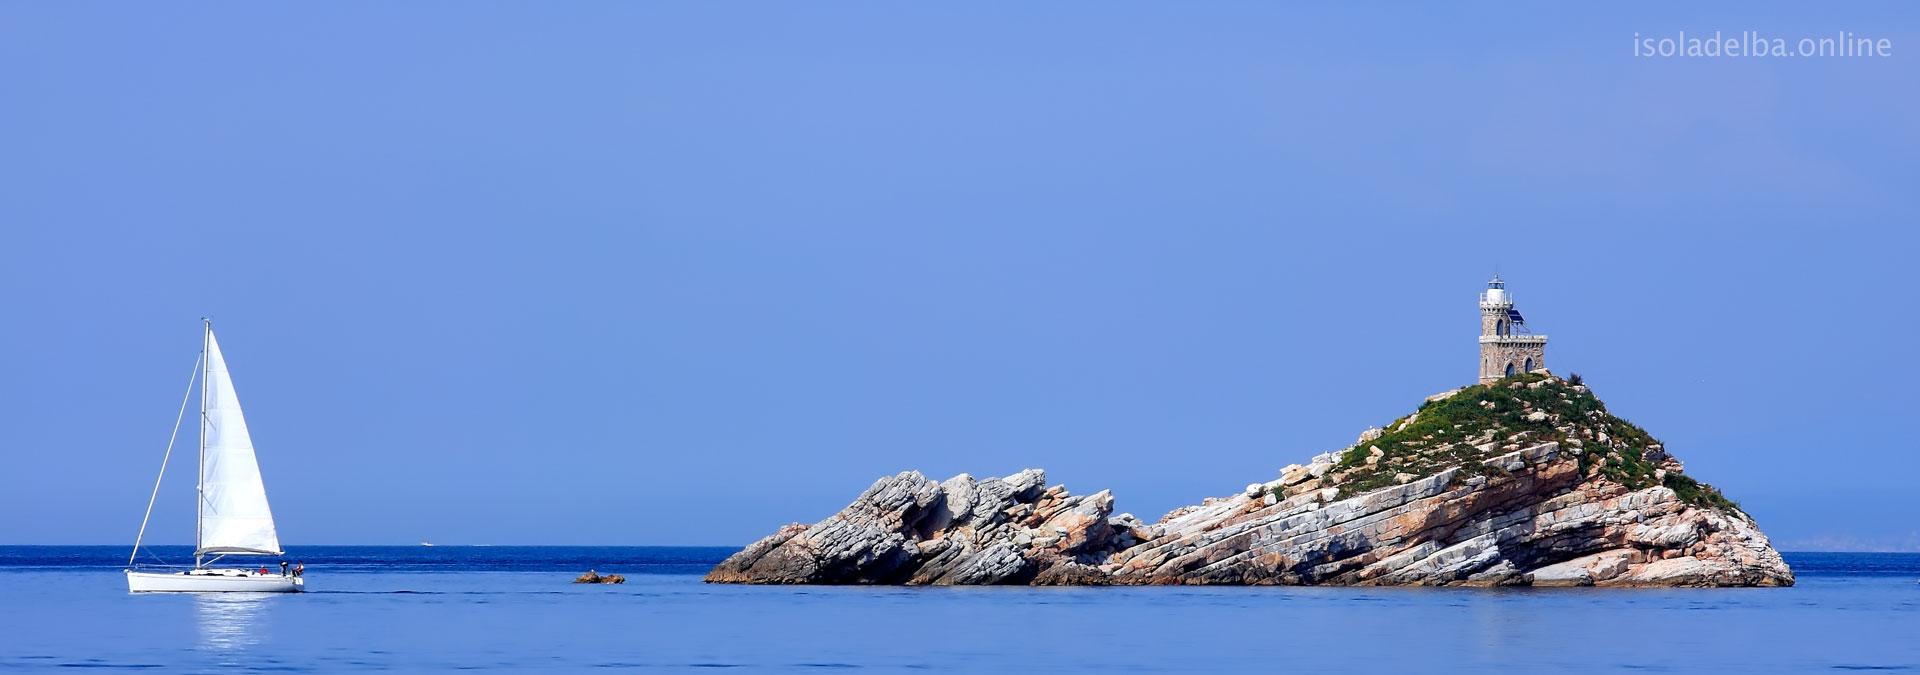 Isola d'Elba Scoglietto